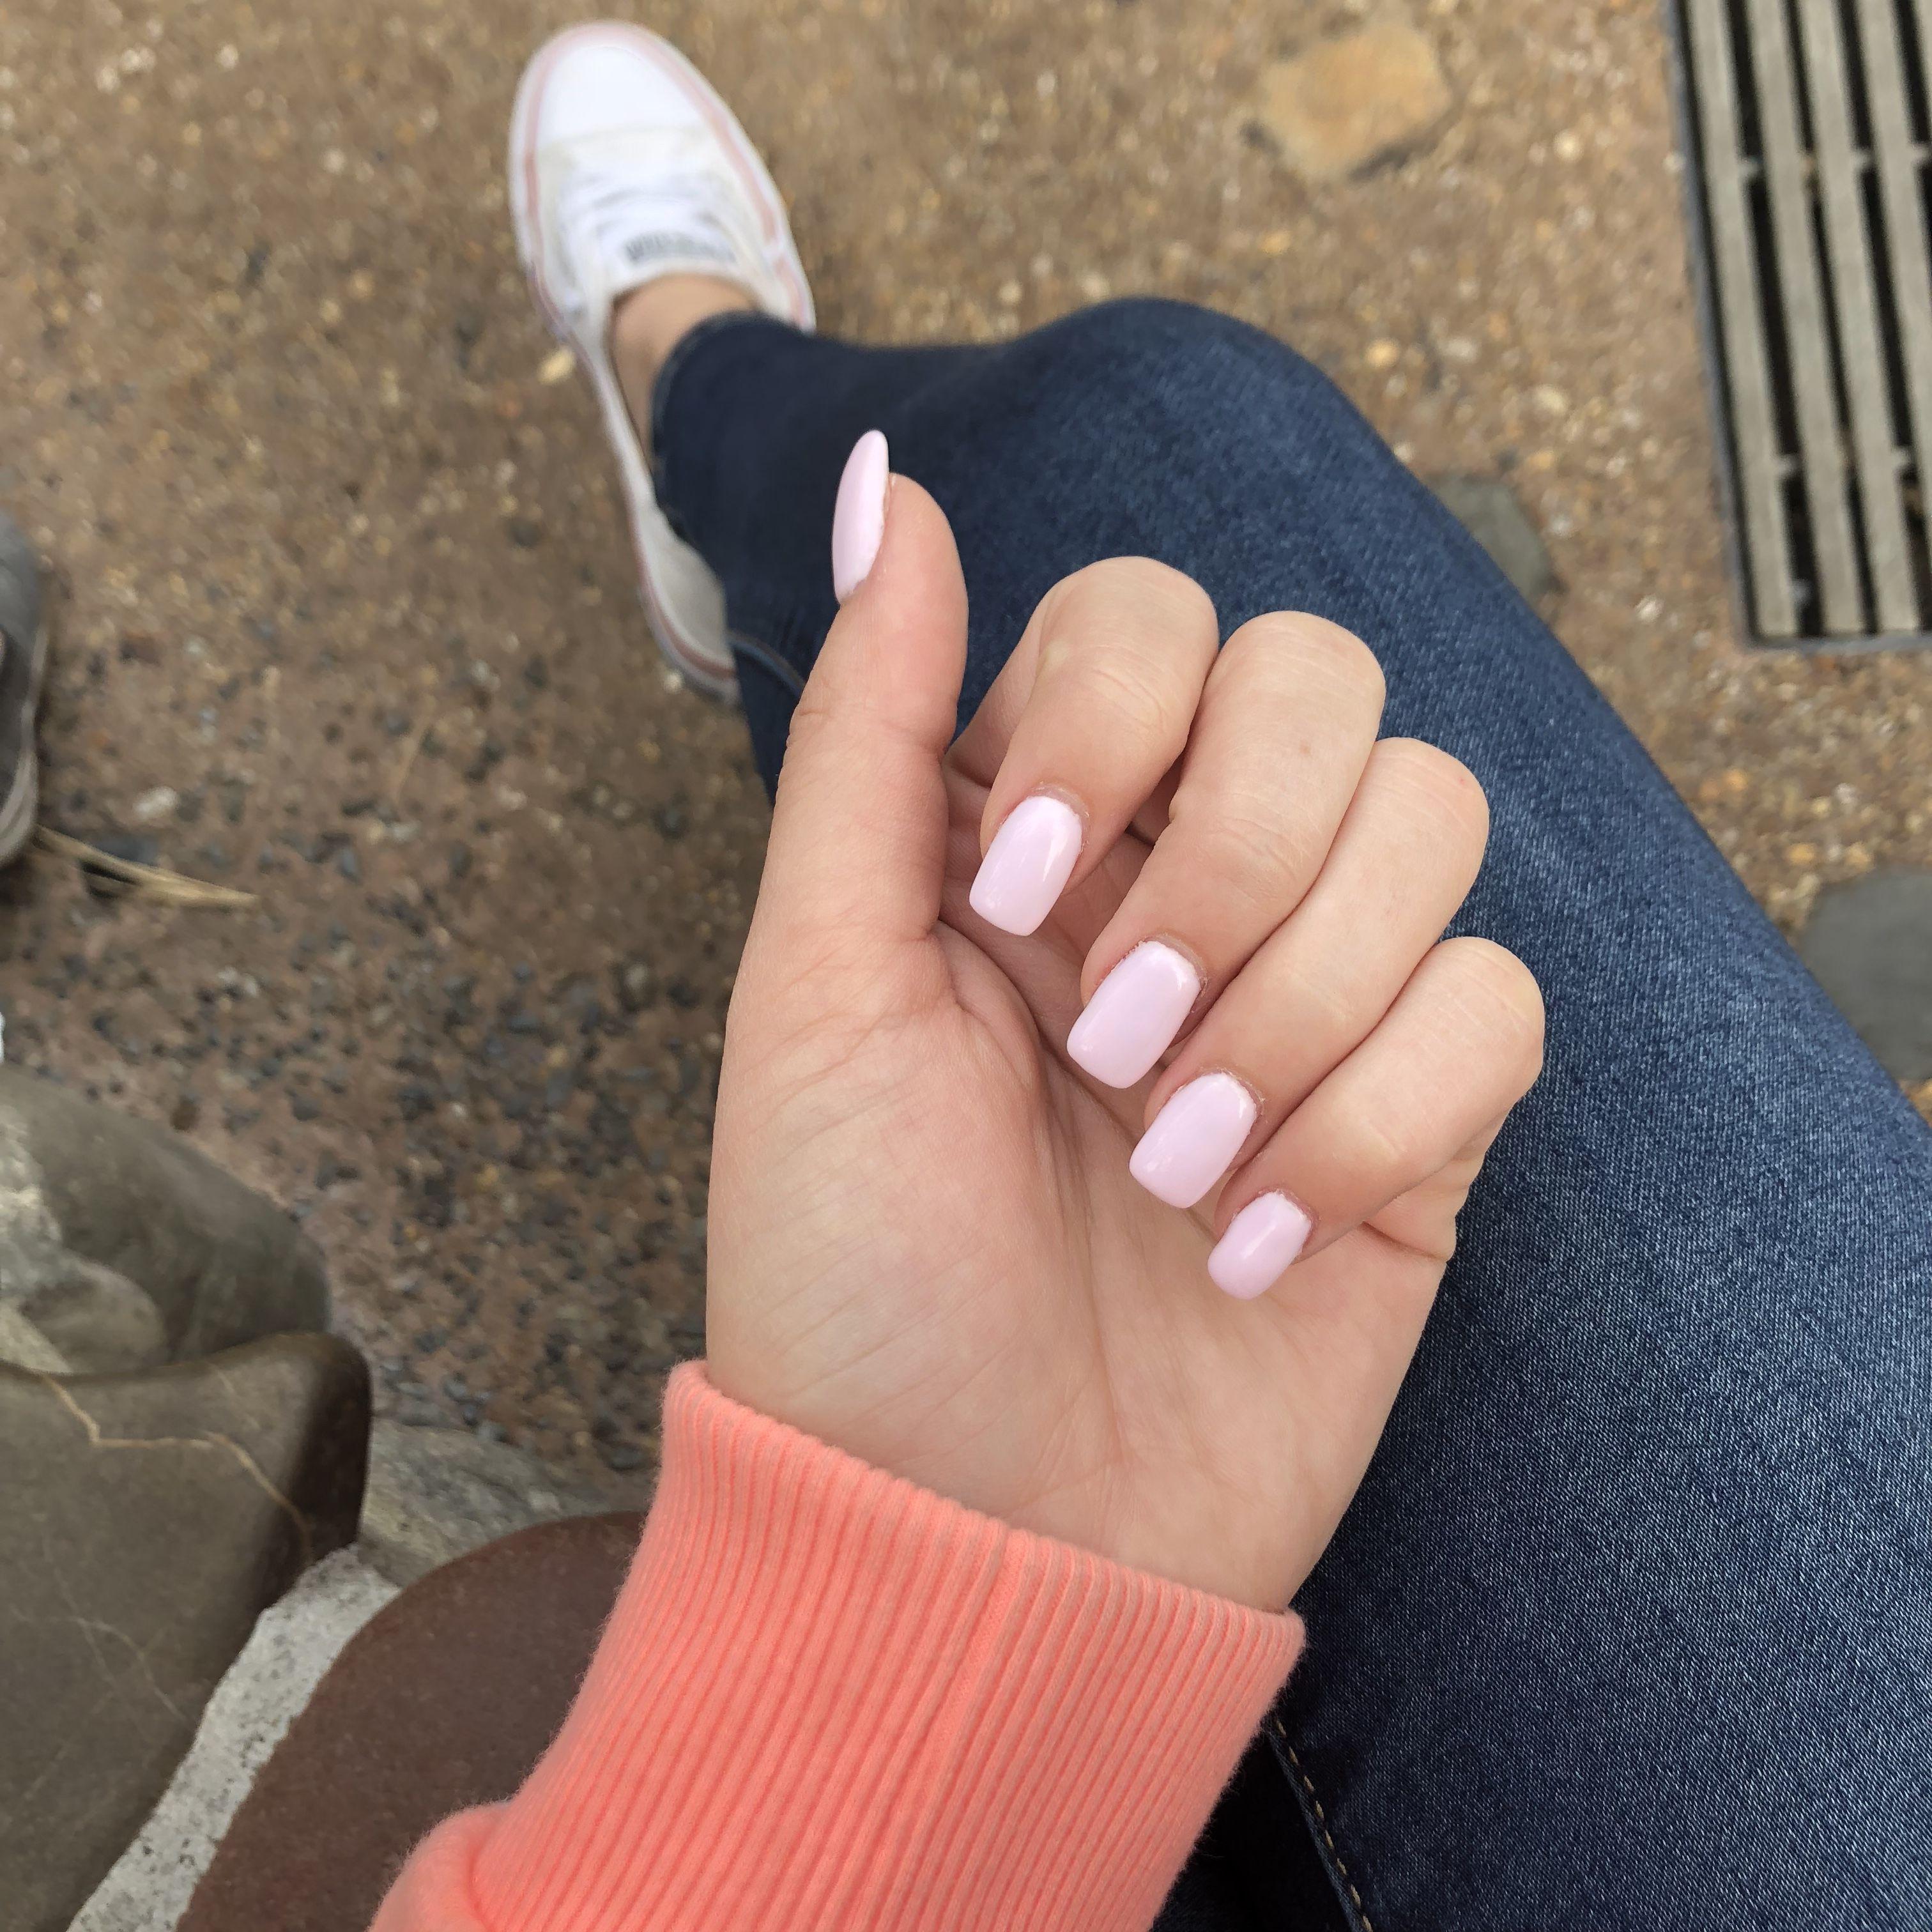 Baby Pink Nail Color Decent Square Nail Shape Beautytipsfornails Baby Pink Nails Square Acrylic Nails Pink Nail Colors